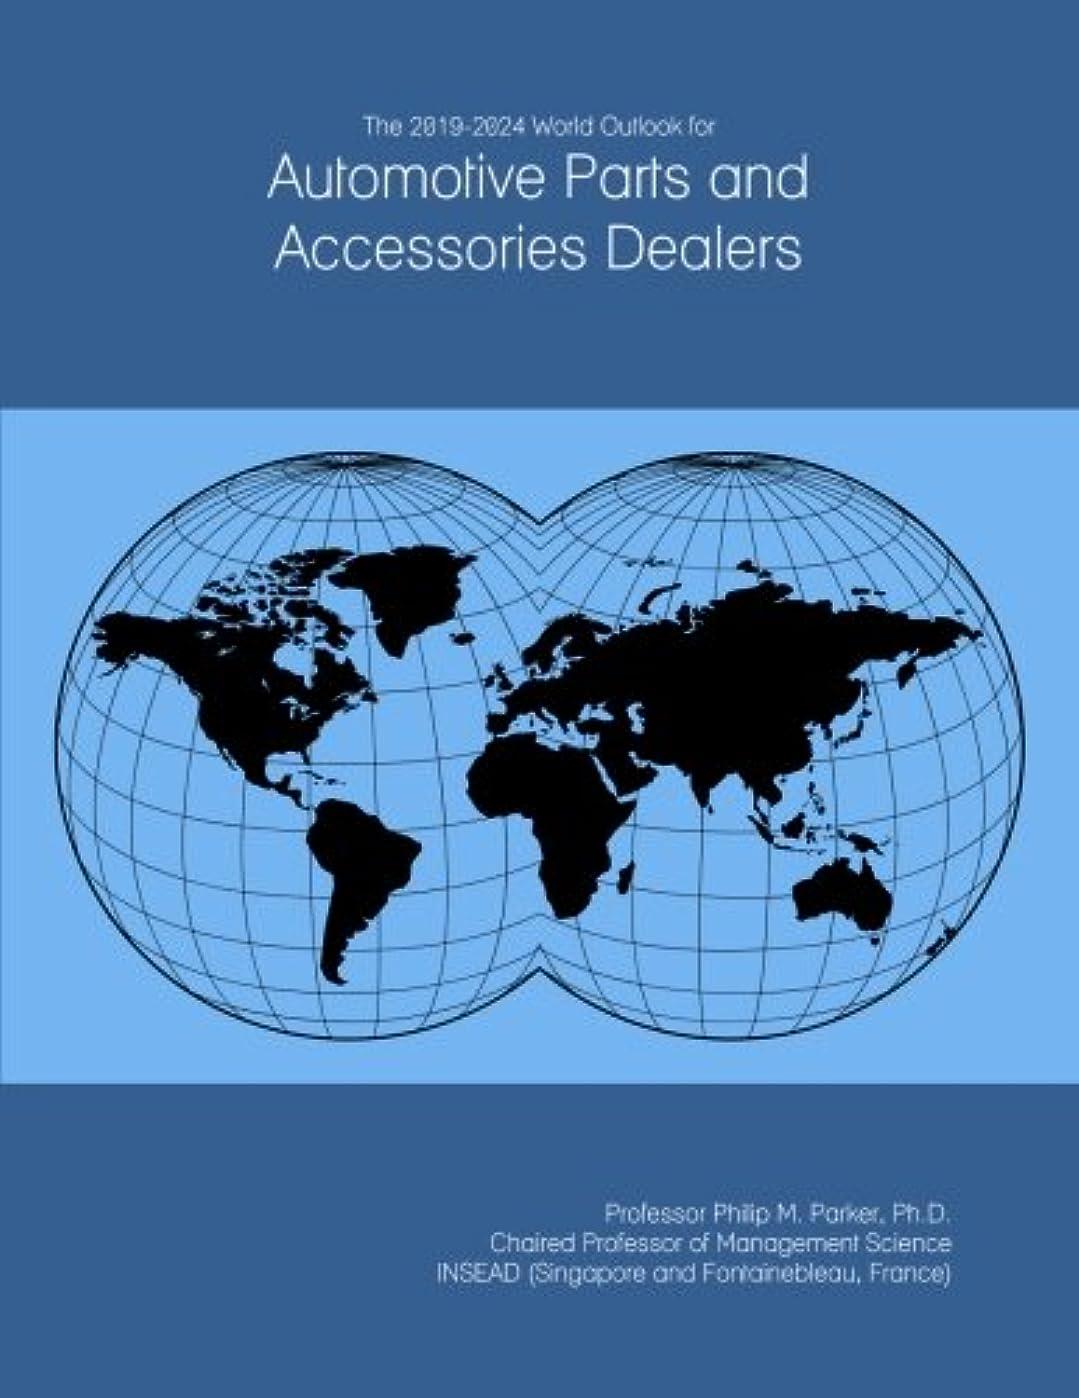 護衛く作成するThe 2019-2024 World Outlook for Automotive Parts and Accessories Dealers